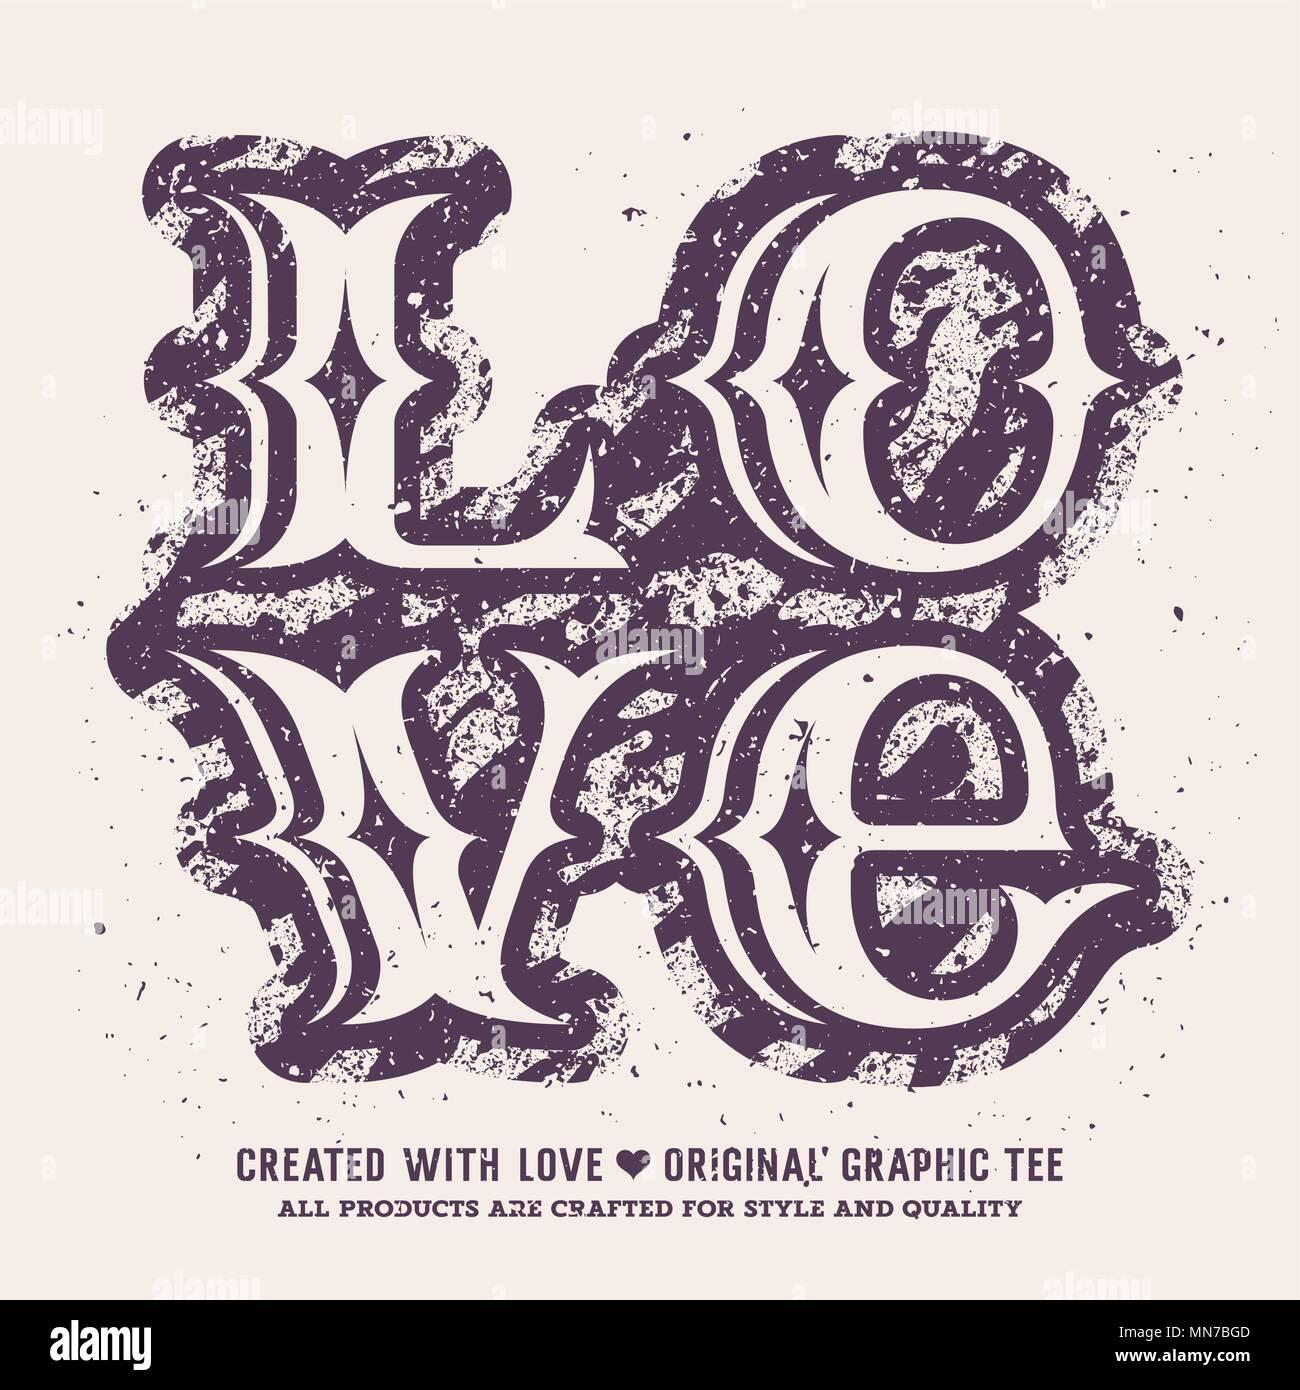 Letras de amor. Día de San Valentín romántico ilustración vectorial. T-shirt Vestido imprimir gráficos. Gráfico original Tee Imagen De Stock